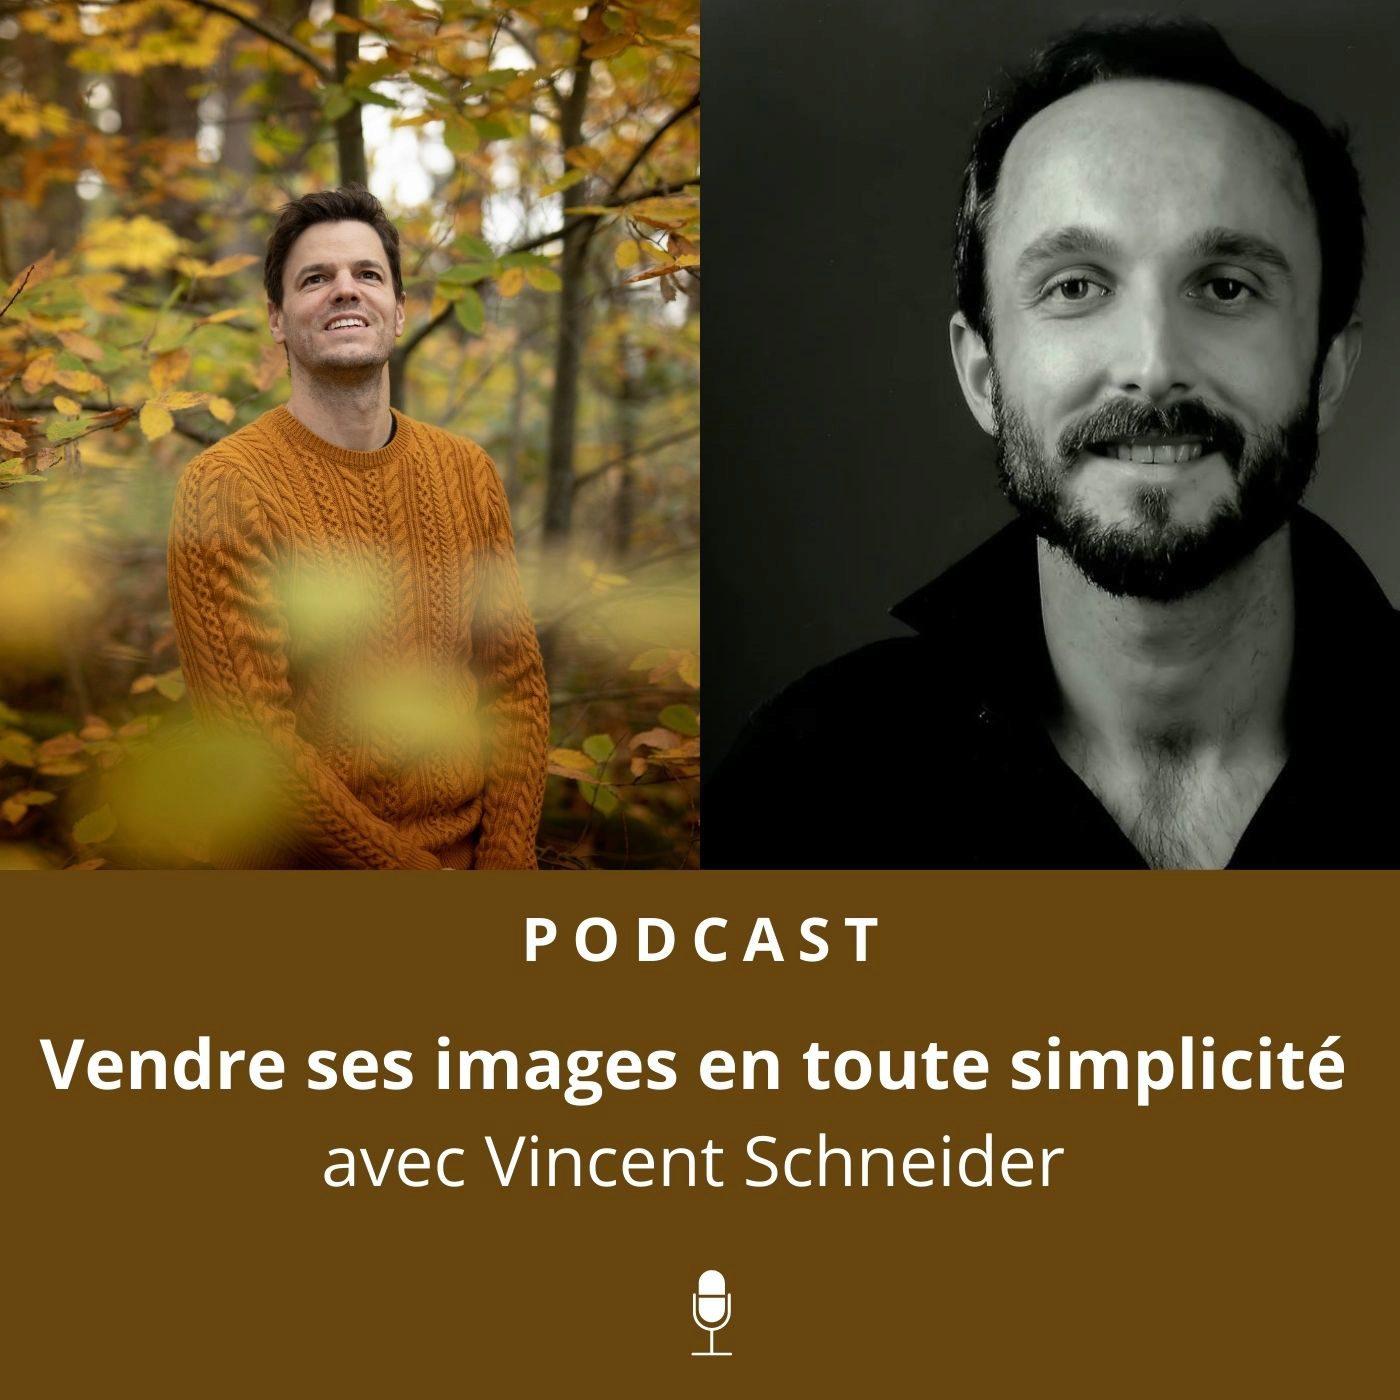 Libre & Photographe #12 | Vincent Schneider - Vendre ses photos en toute simplicité